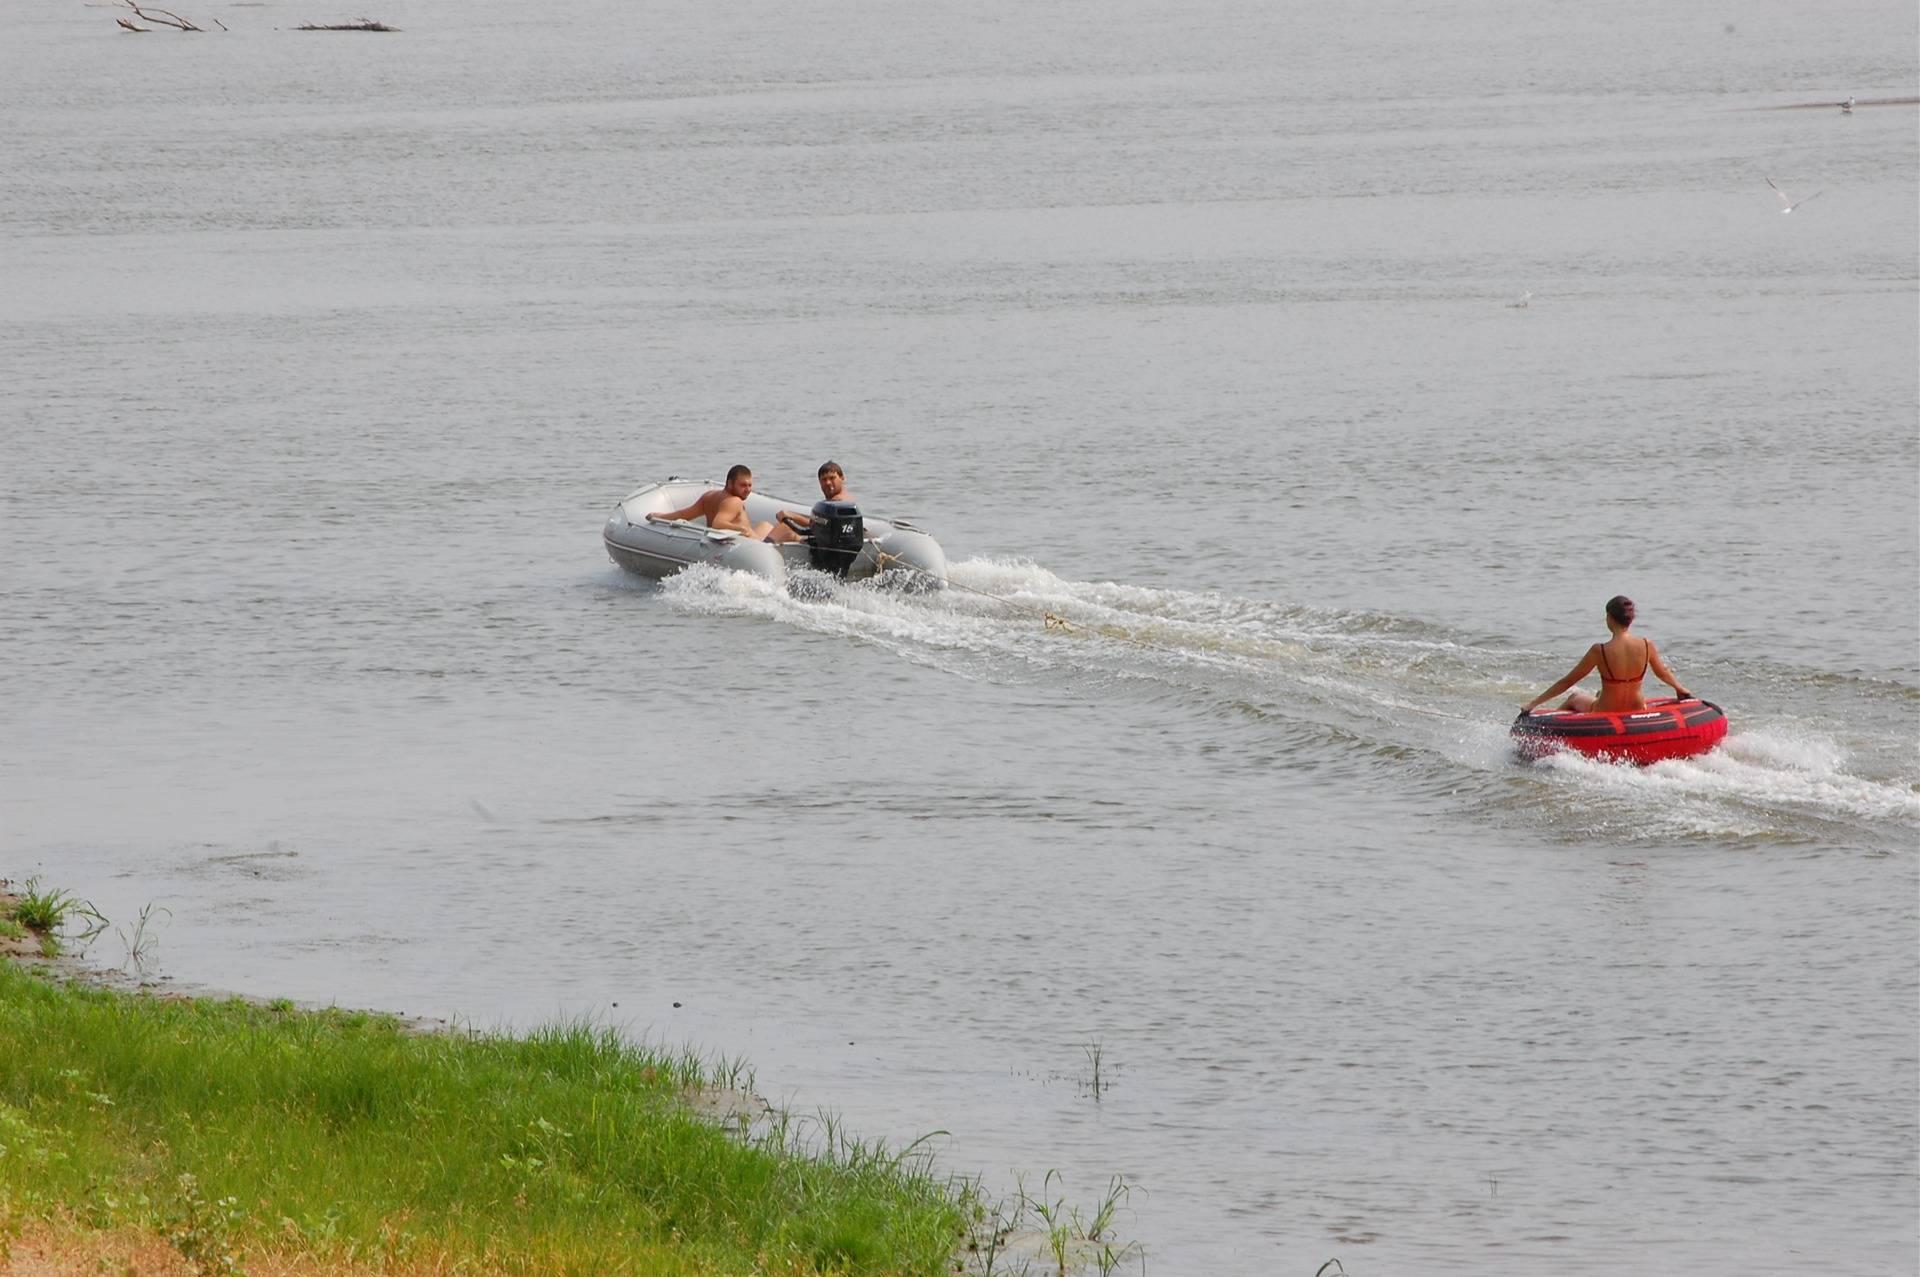 Река ахтуба: общие сведения (климат, глубины, течение, животный мир) | информация о волго-ахтубинской пойме